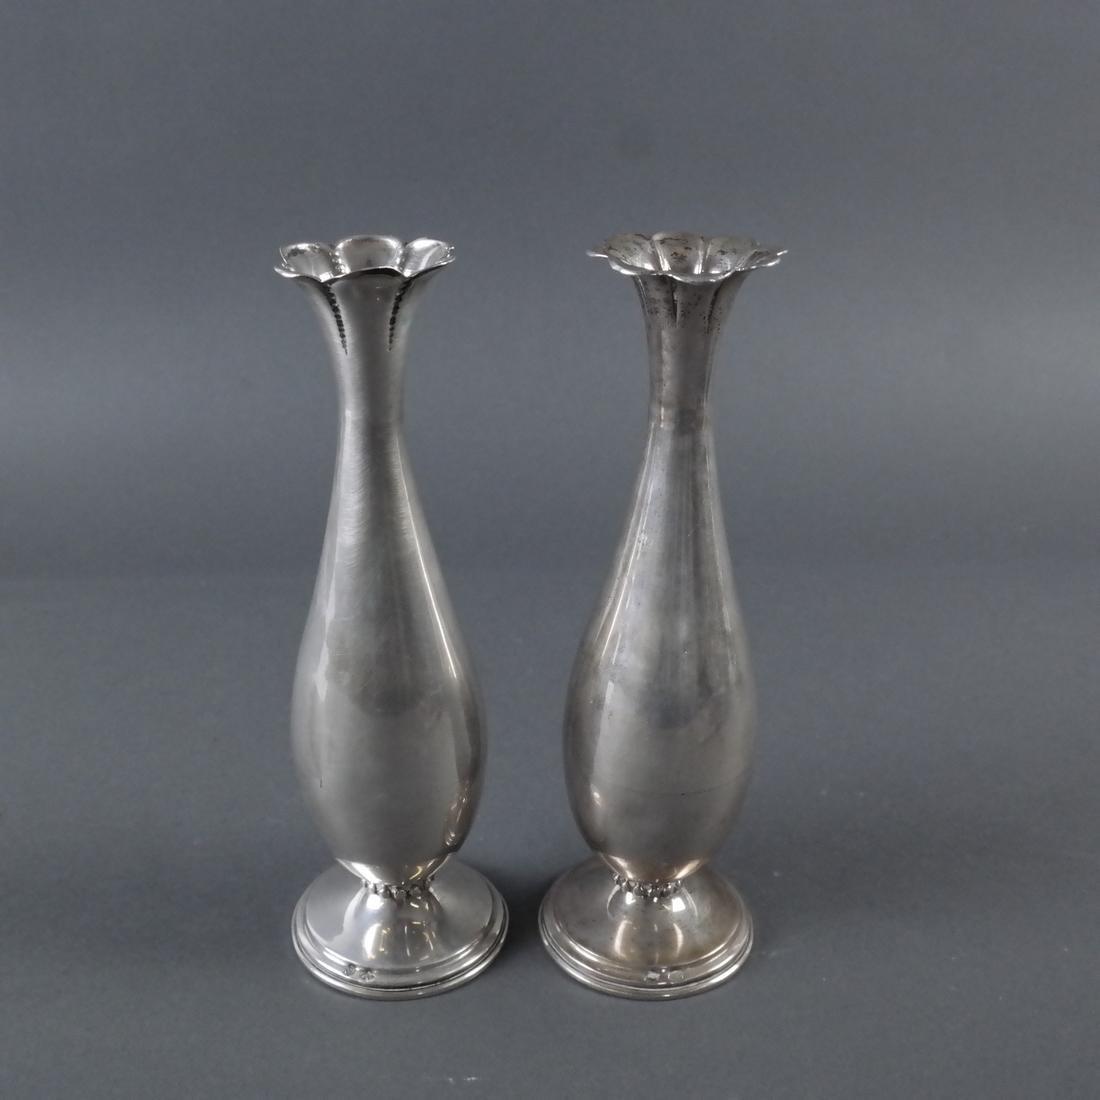 Pair .900 Standard Silver Bud Vases